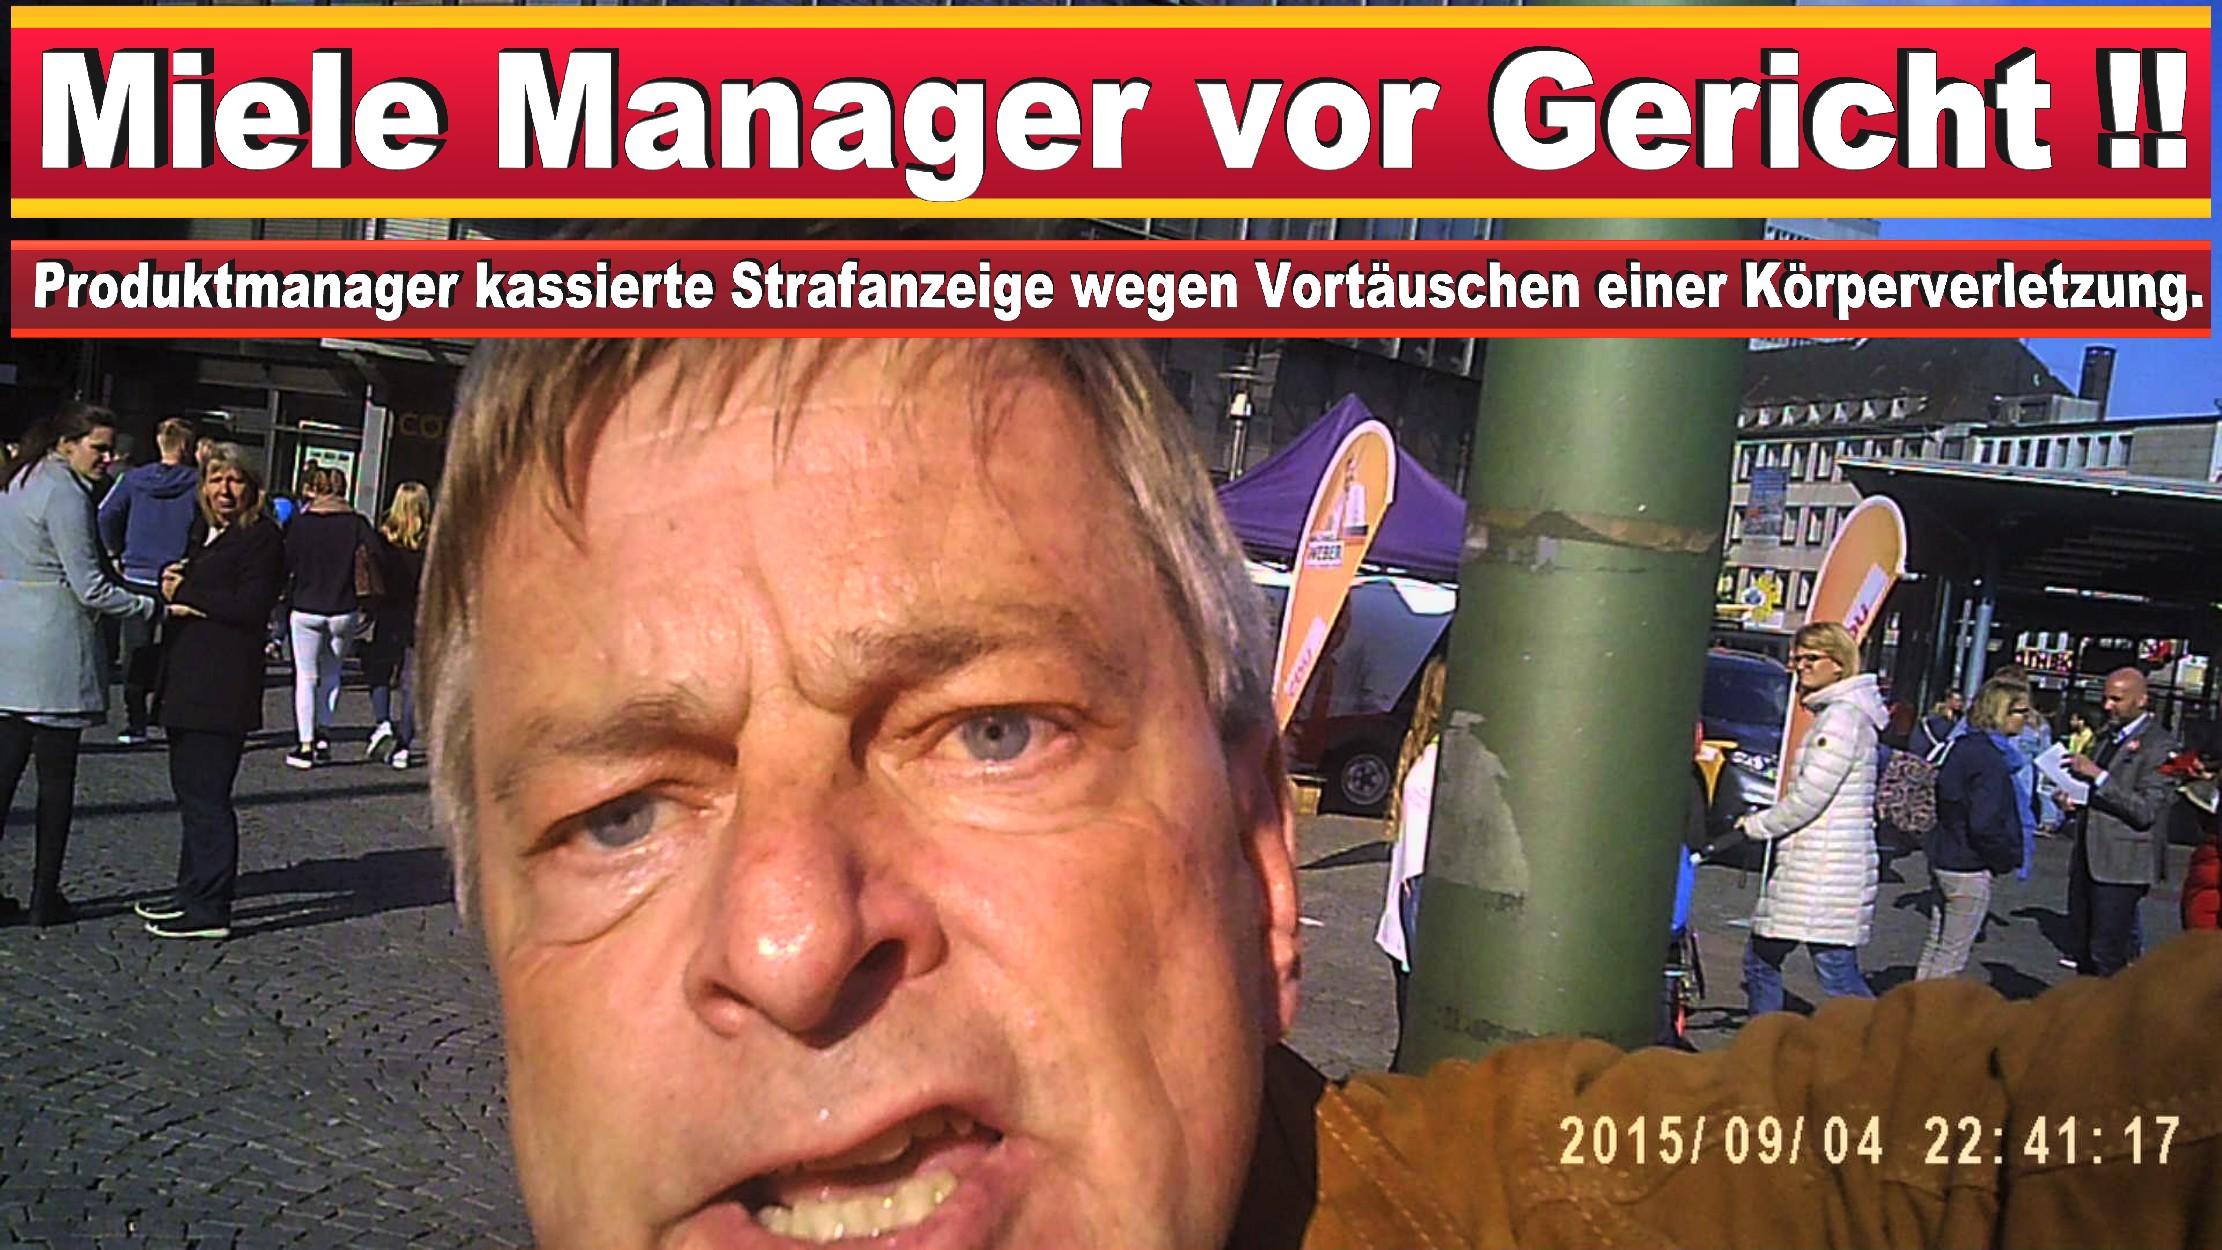 MICHAEL WEBER CDU BIELEFELD GEWALTAUSBRUCH UND STRAFANZEIGE (7)